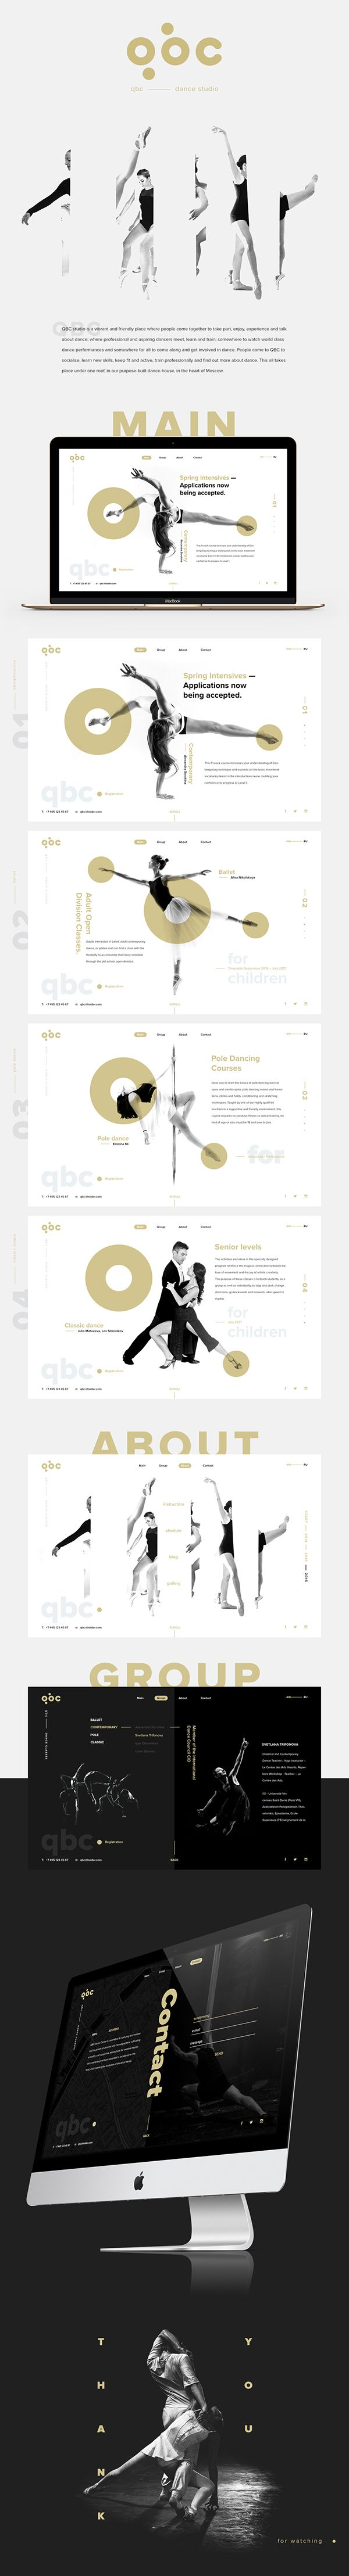 QBC dance studio - UI/UX Design | Abduzeedo